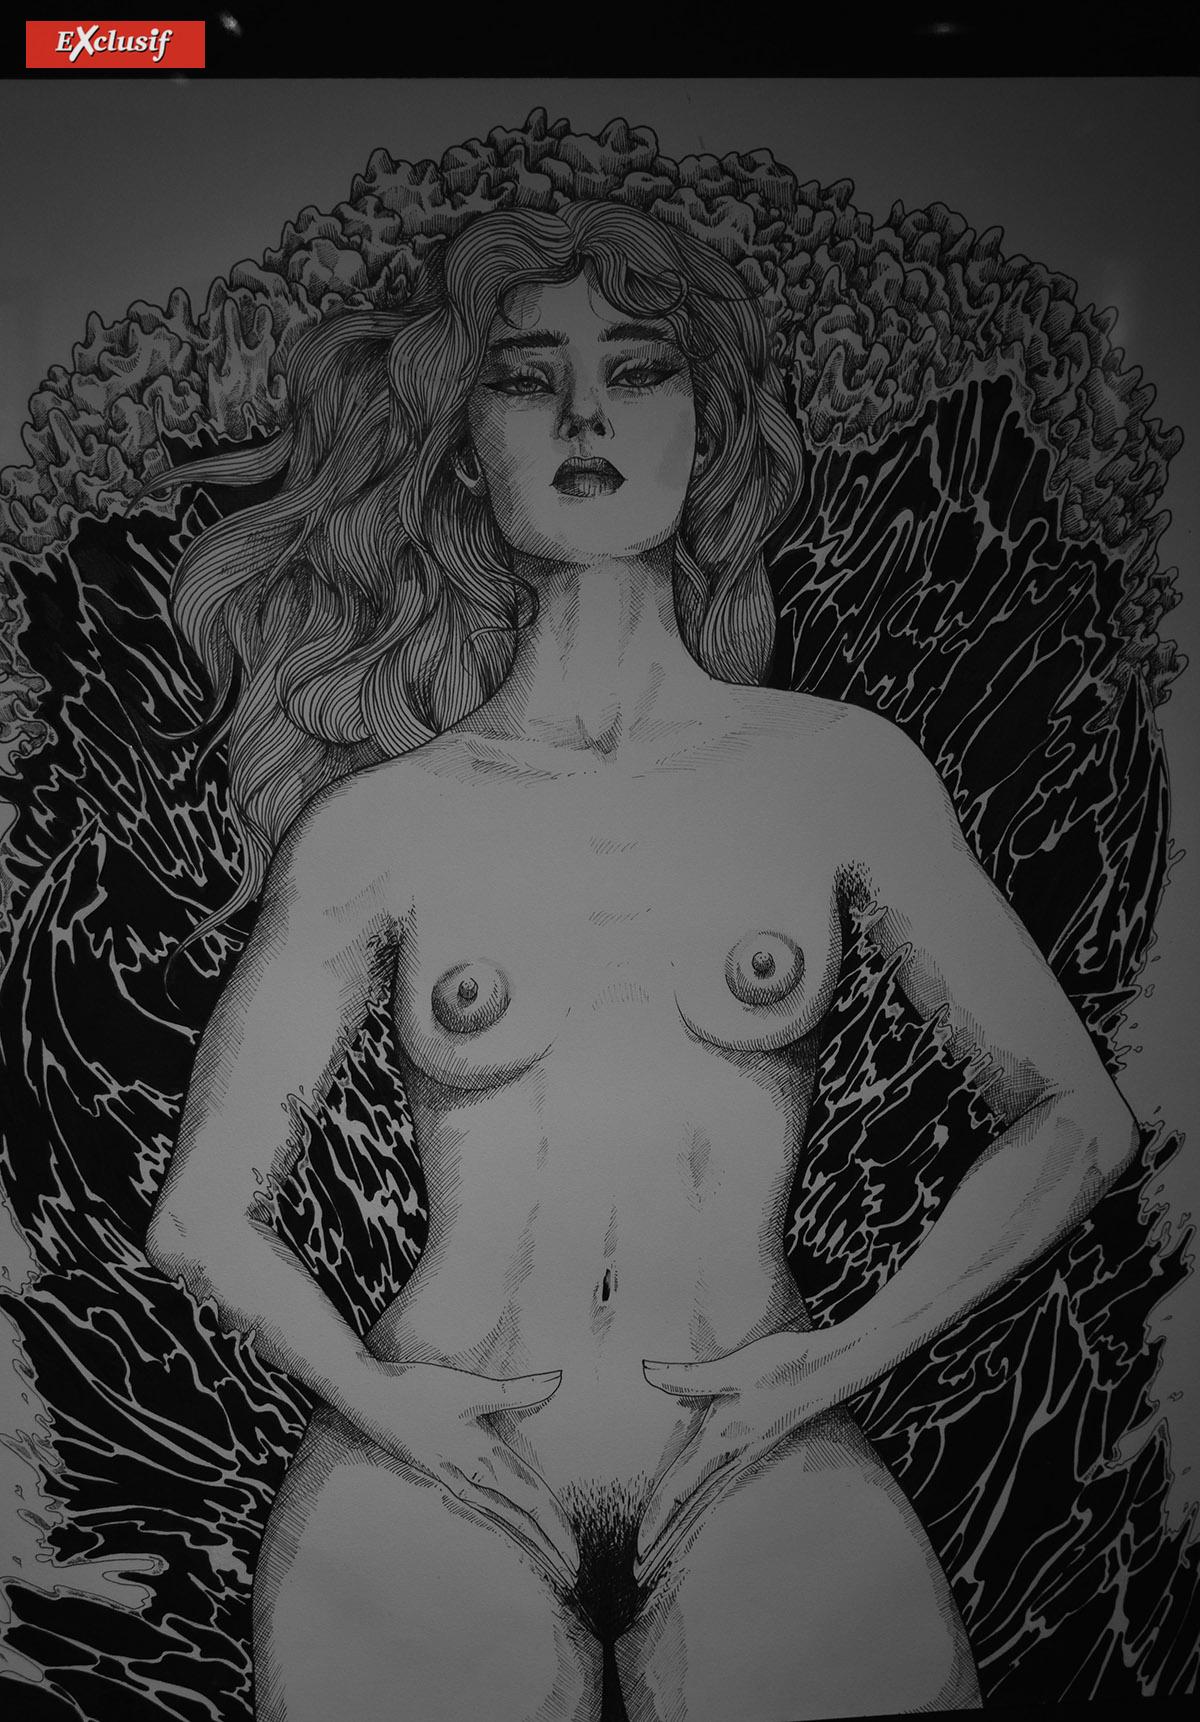 La nudité fait partie de l'univers de cette expo